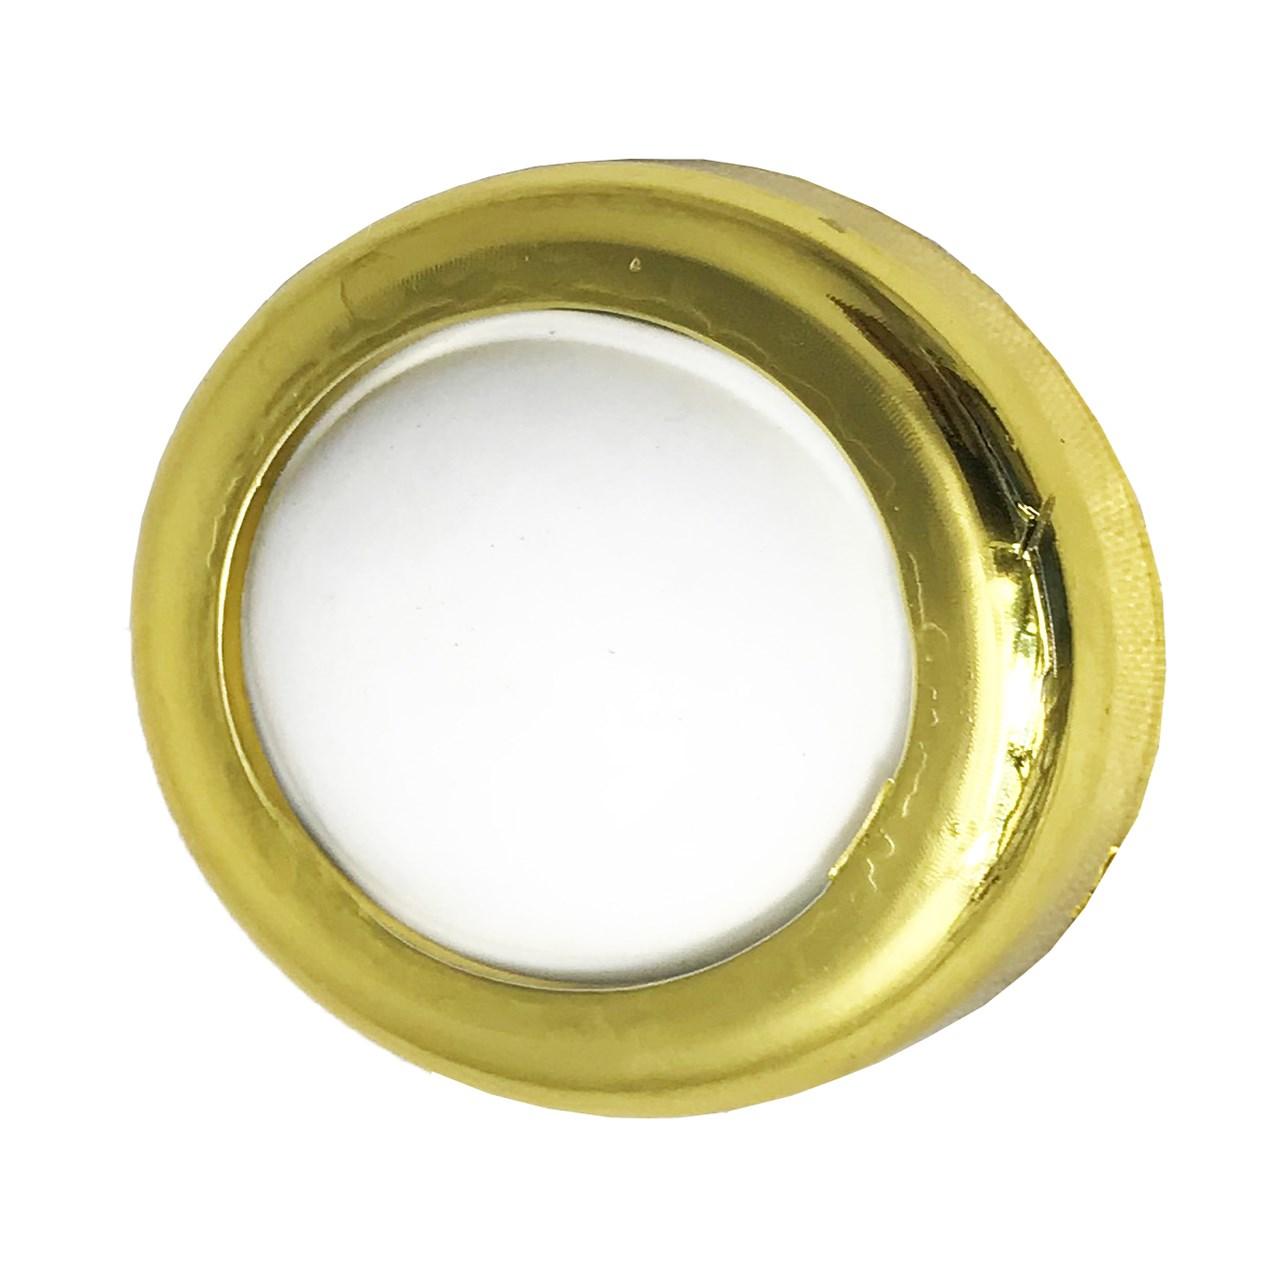 عکس ضربه گیر دستگیره در ایرسا طرح Gold مجموعه 2 عددی